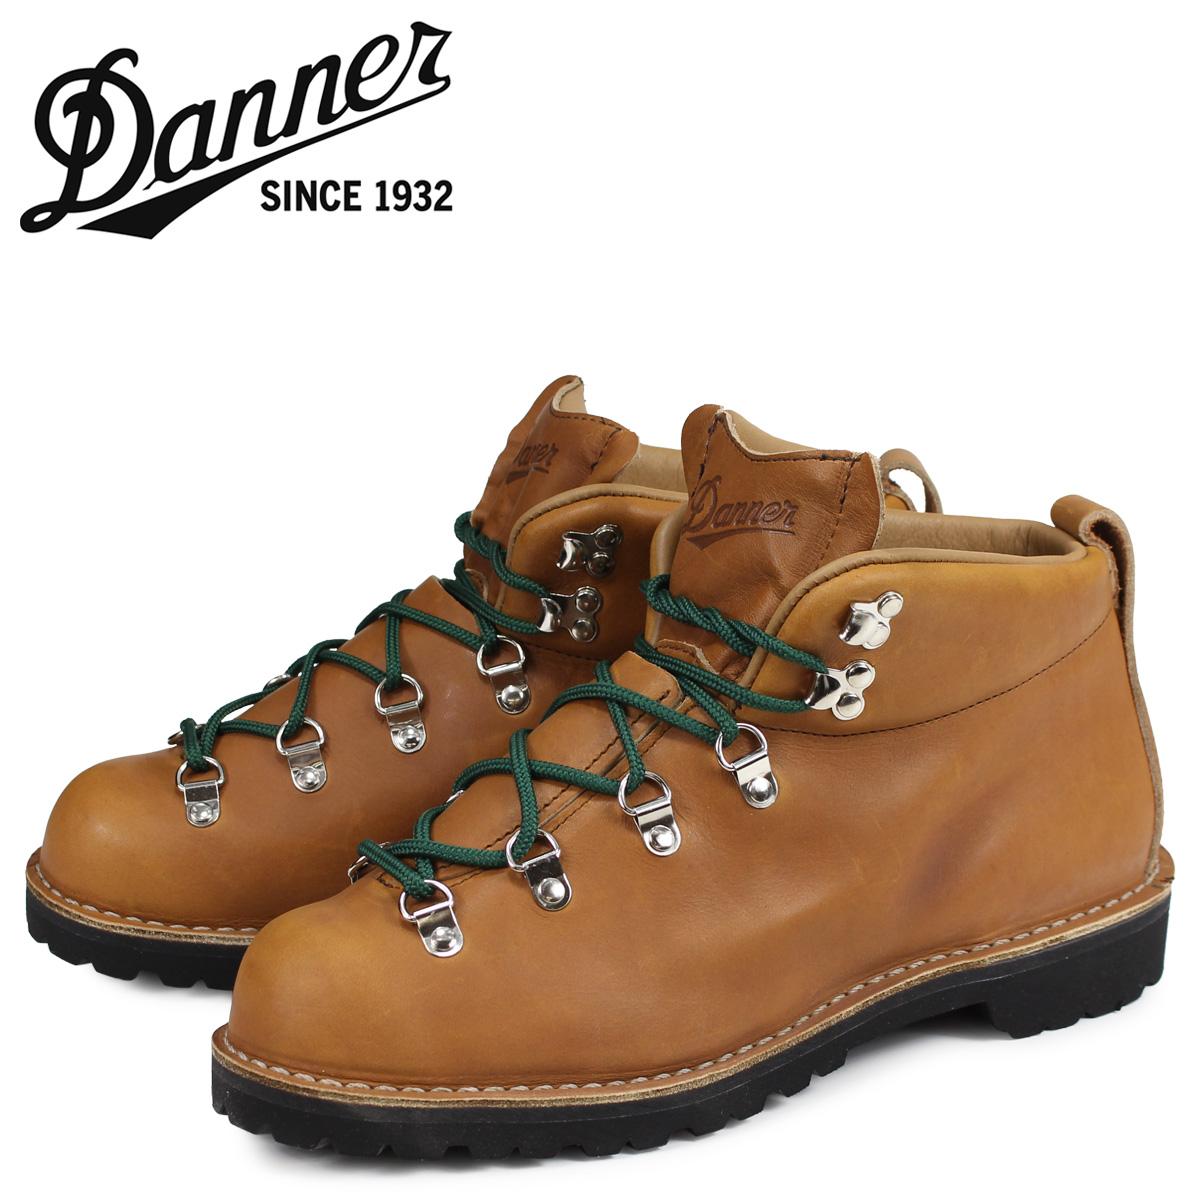 ダナー Danner マウンテントレイル ブーツ メンズ MOUNTAIN TRAIL MADE IN USA EEワイズ ブラウン 12710